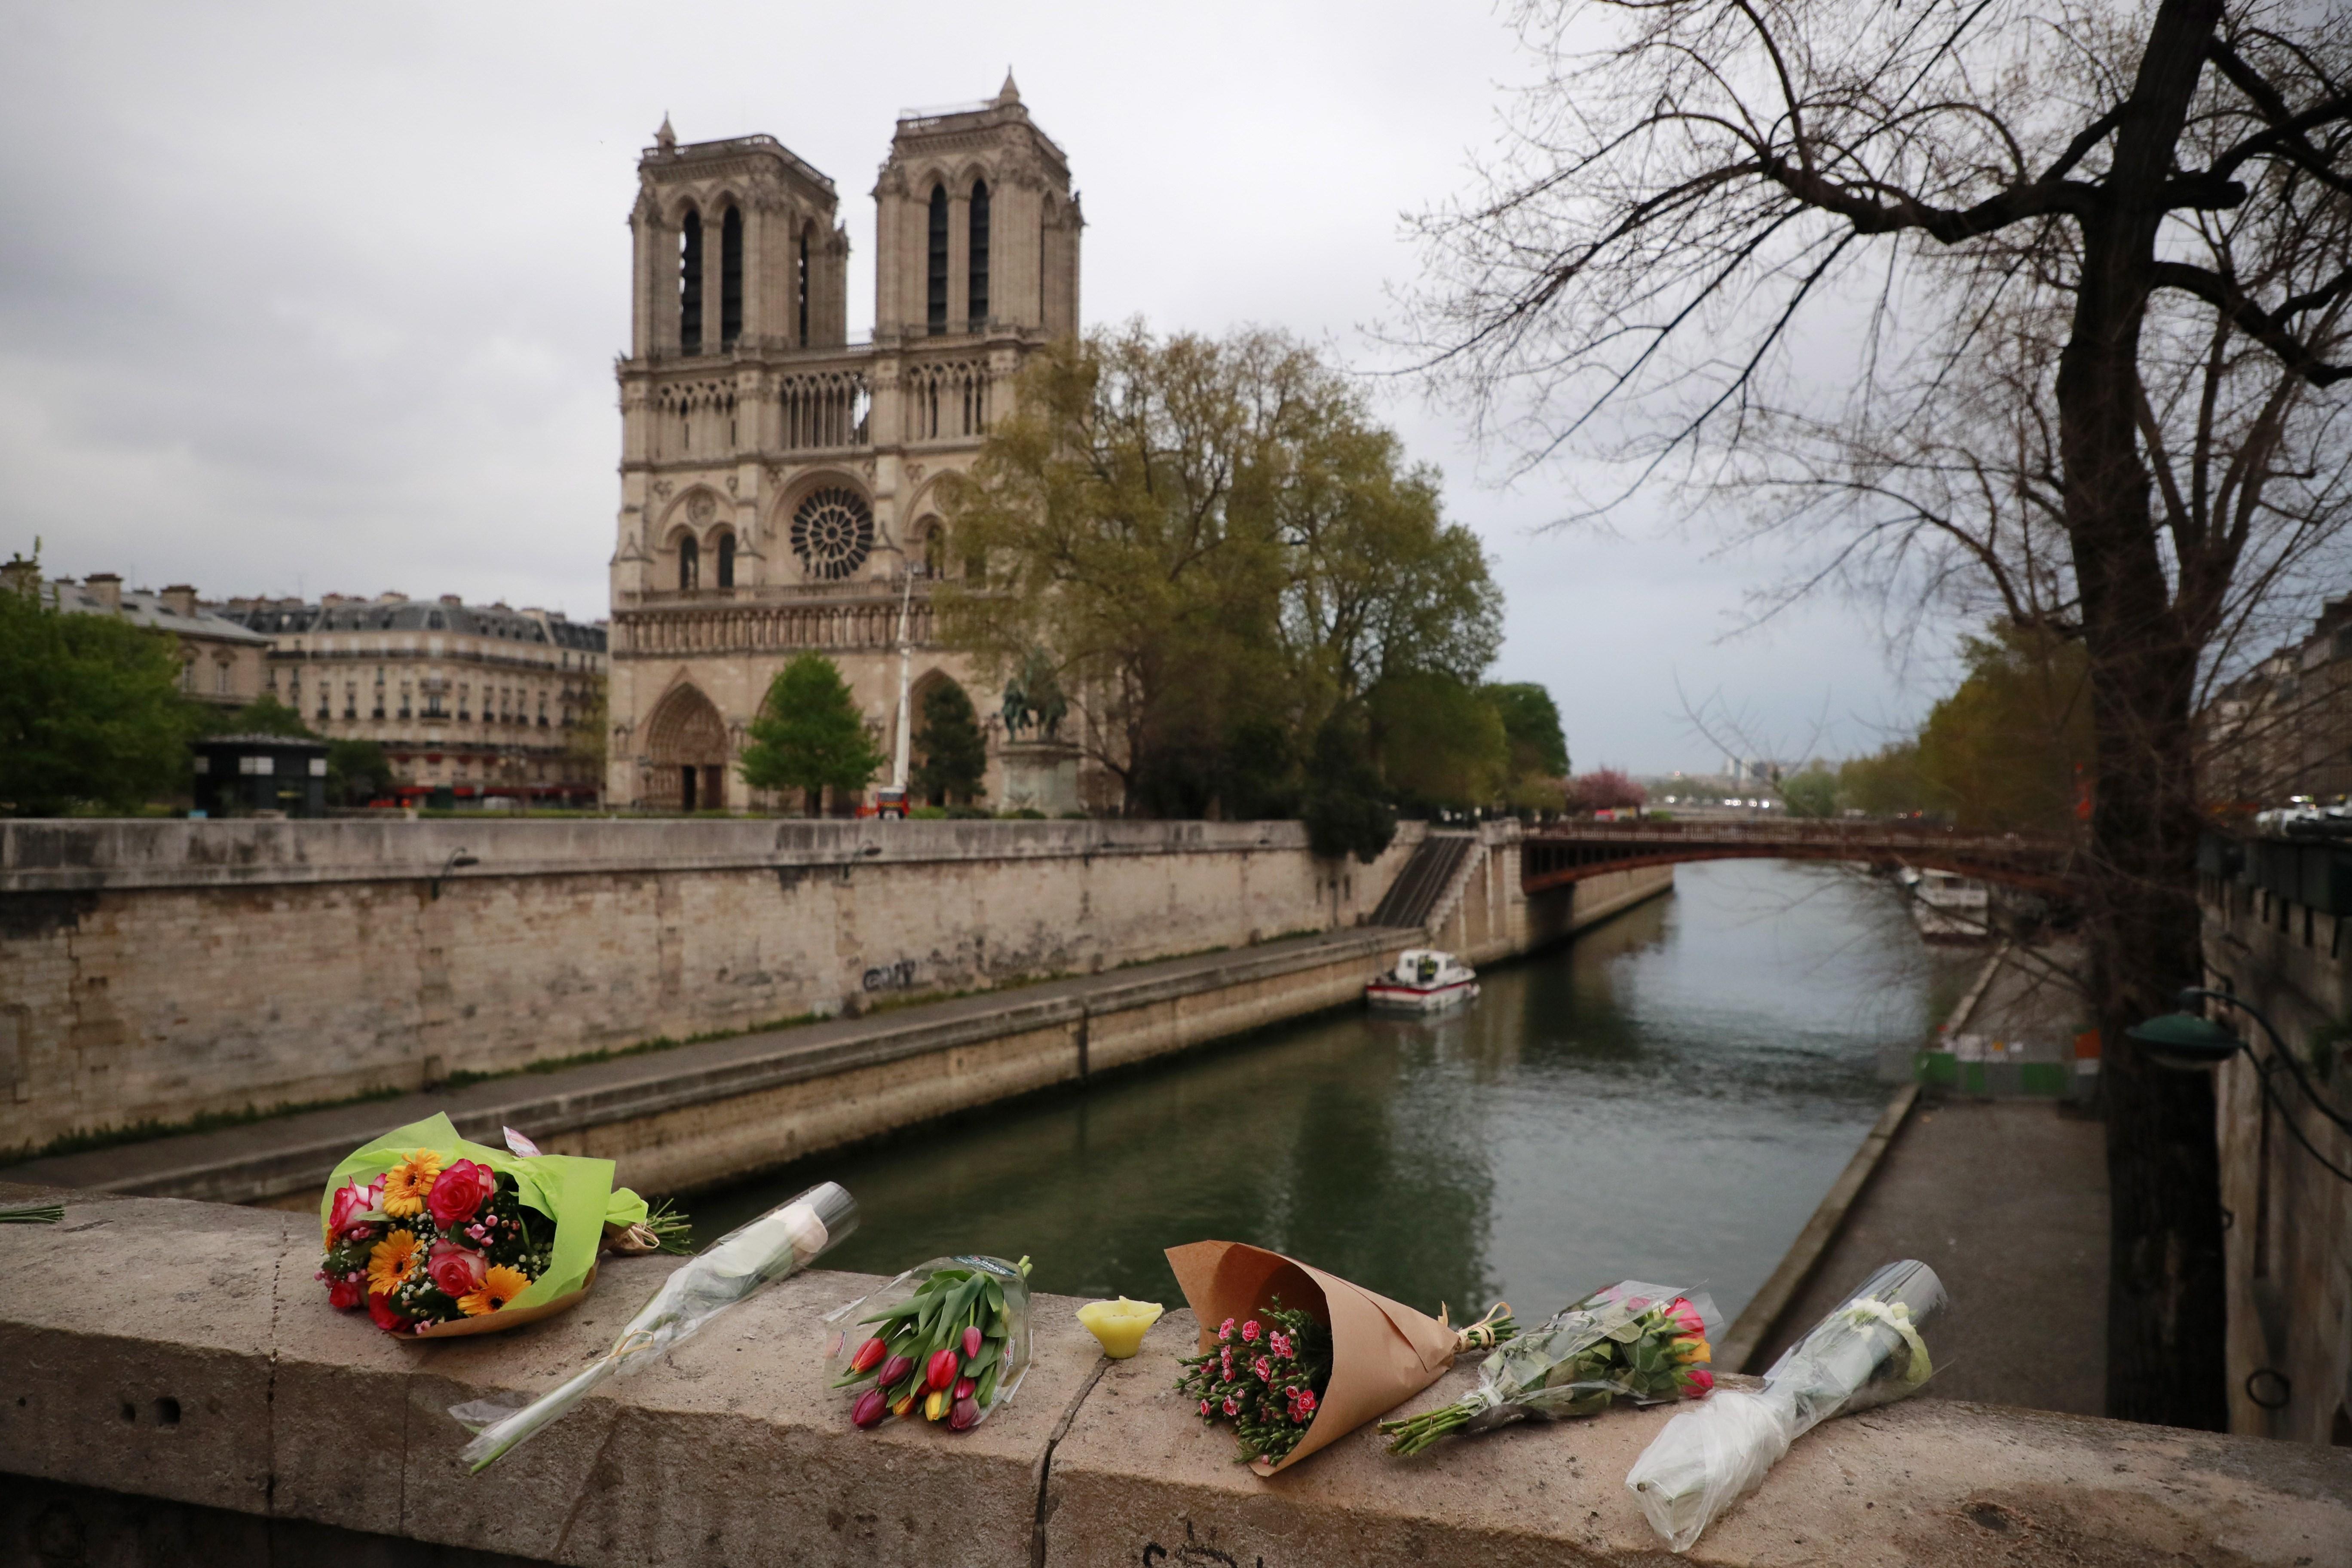 Arreglos florales han dejado los visitantes en los alrededores de la Catedral de Notre Dame. Foto Prensa Libre: AFP